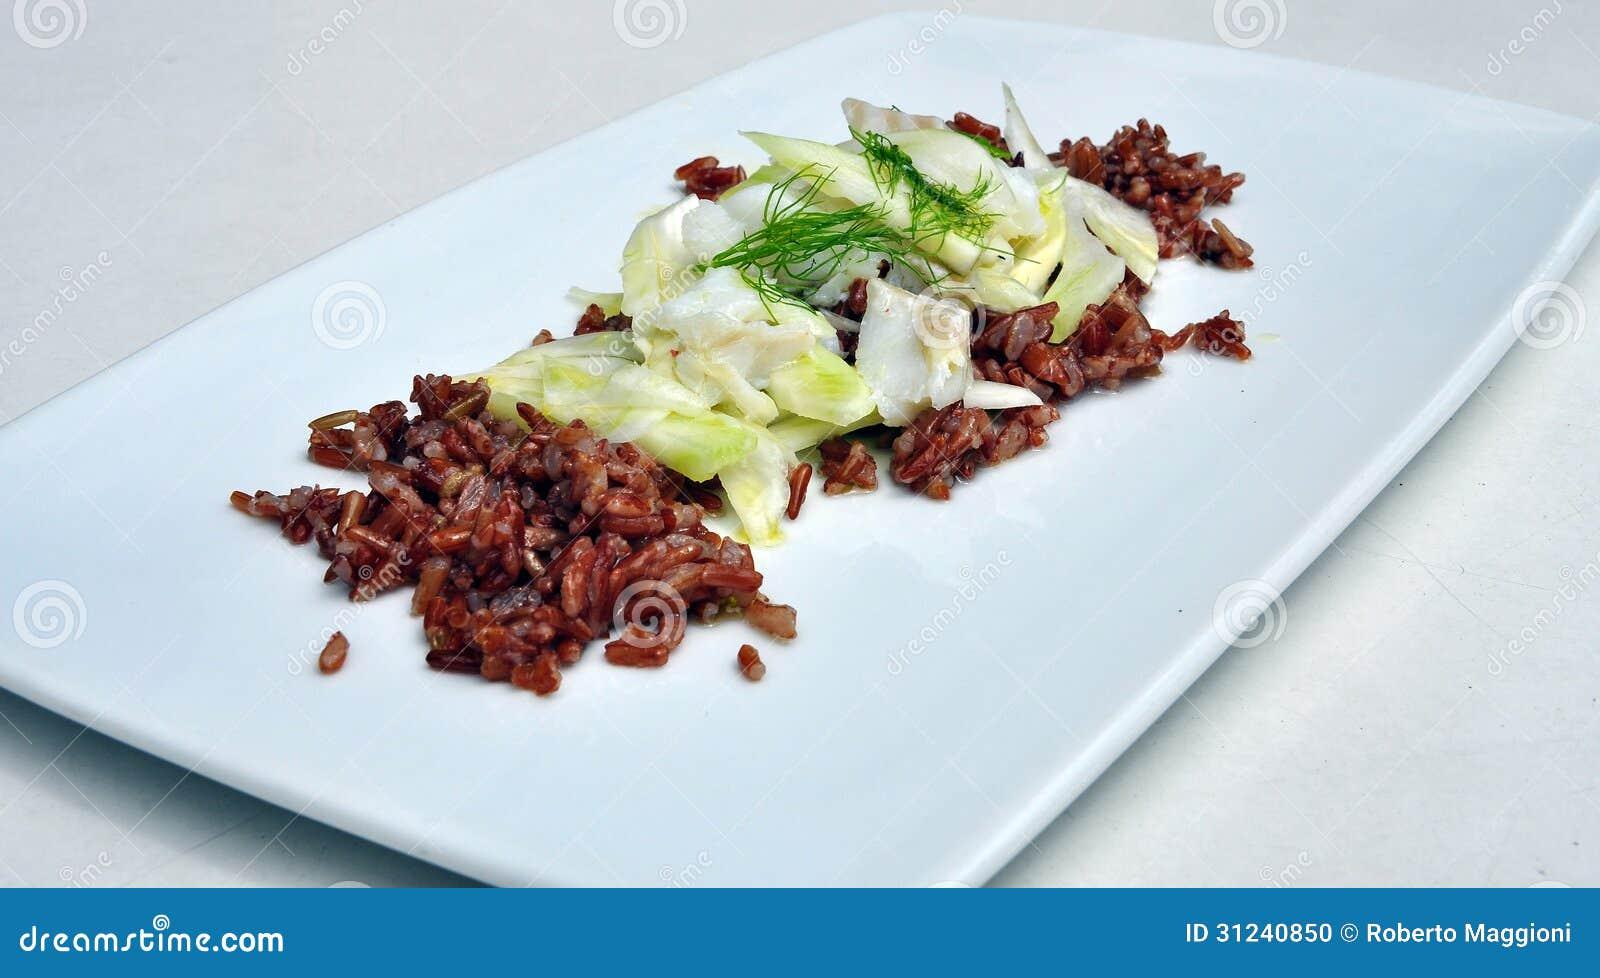 Cuisine gastronomique salade rouge de riz et de morue for Cuisine gastronomique